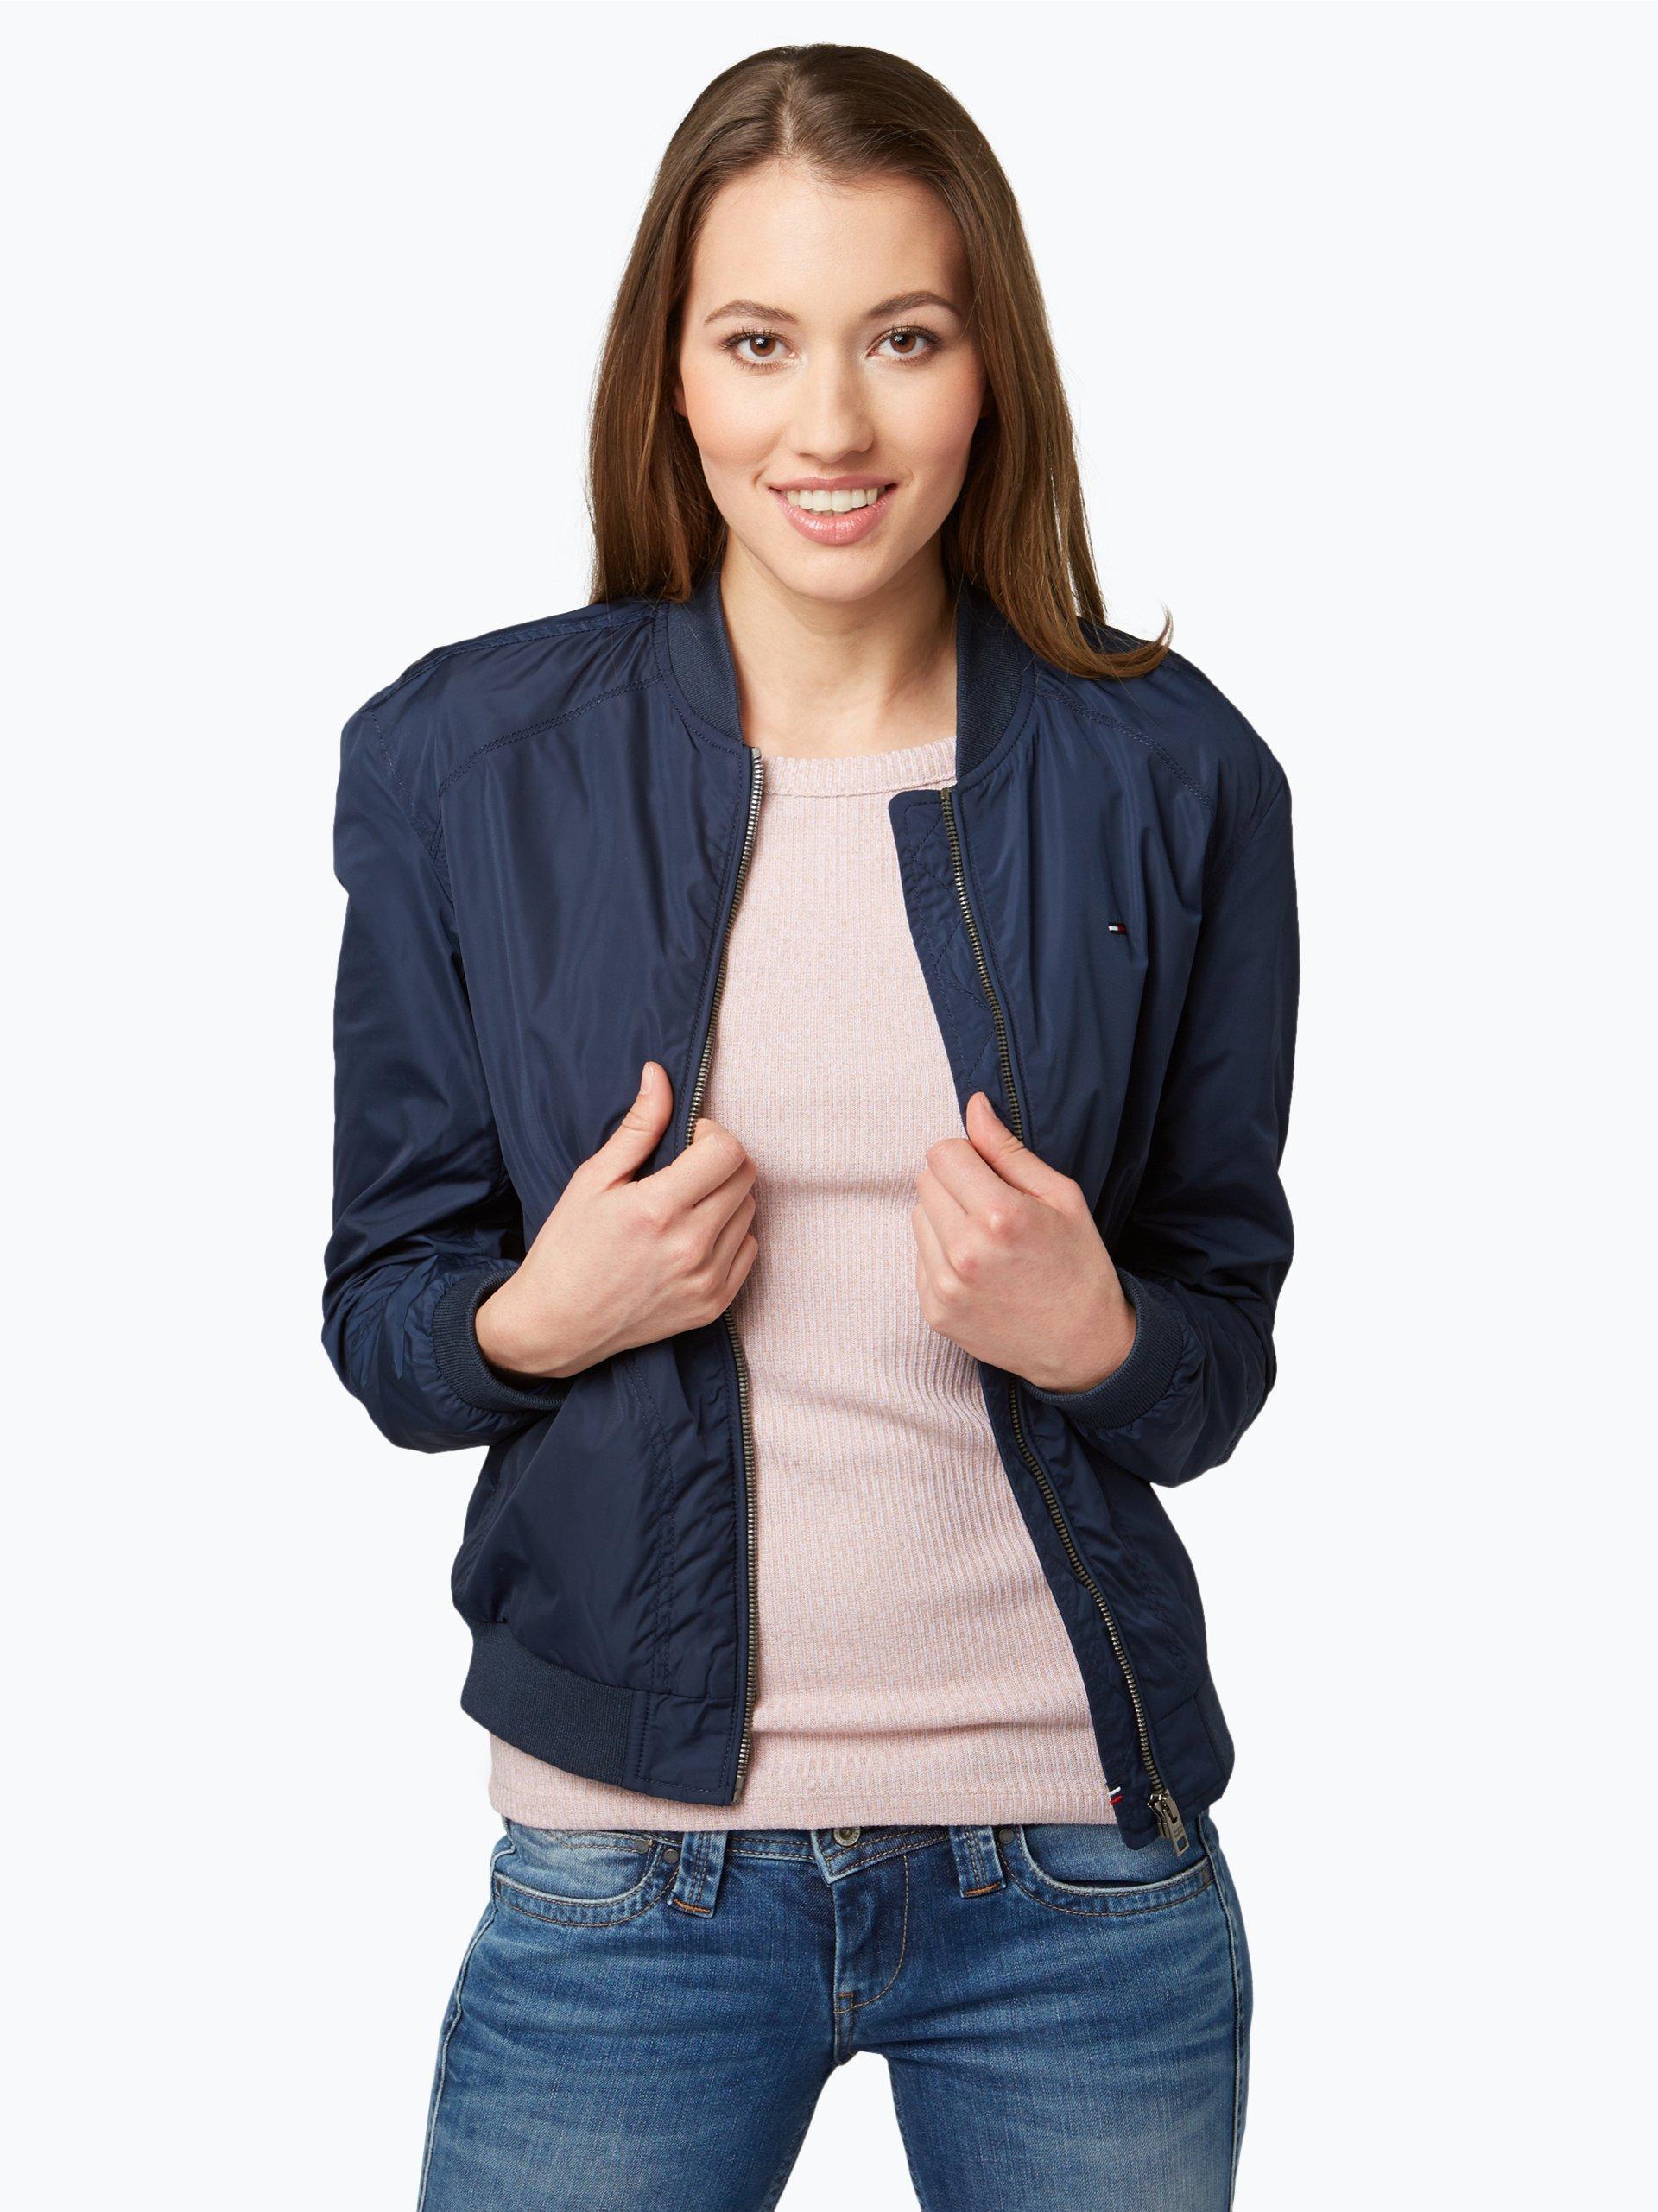 tommy jeans damen jacke marine uni online kaufen peek und cloppenburg de. Black Bedroom Furniture Sets. Home Design Ideas